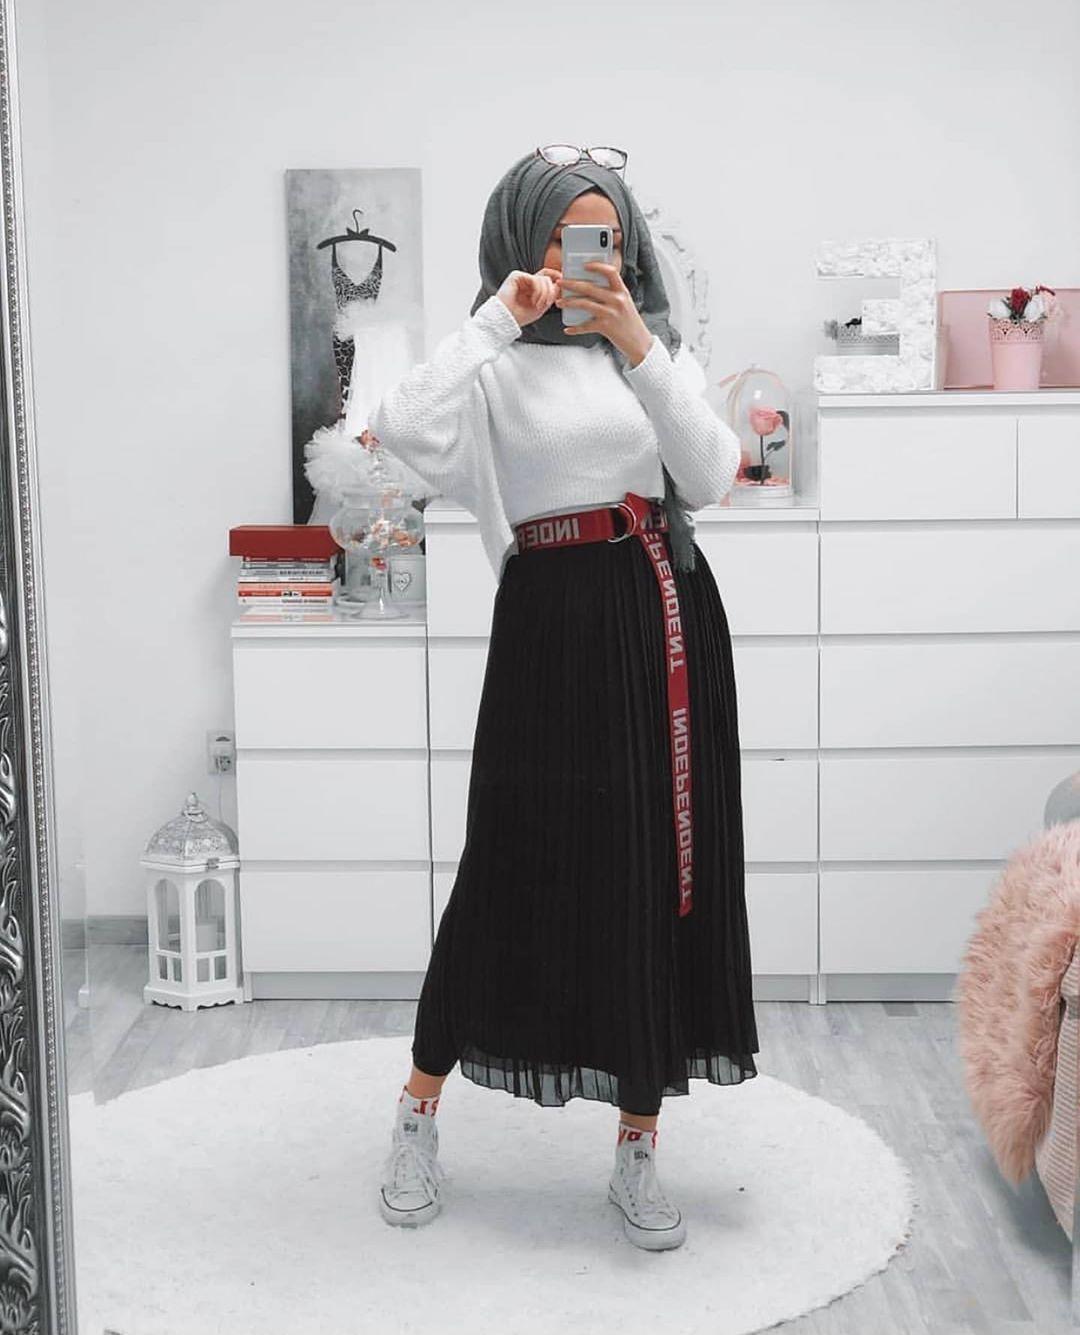 http://rozup.ir/view/2921715/hijab%20-manto-2978%20(1).jpg